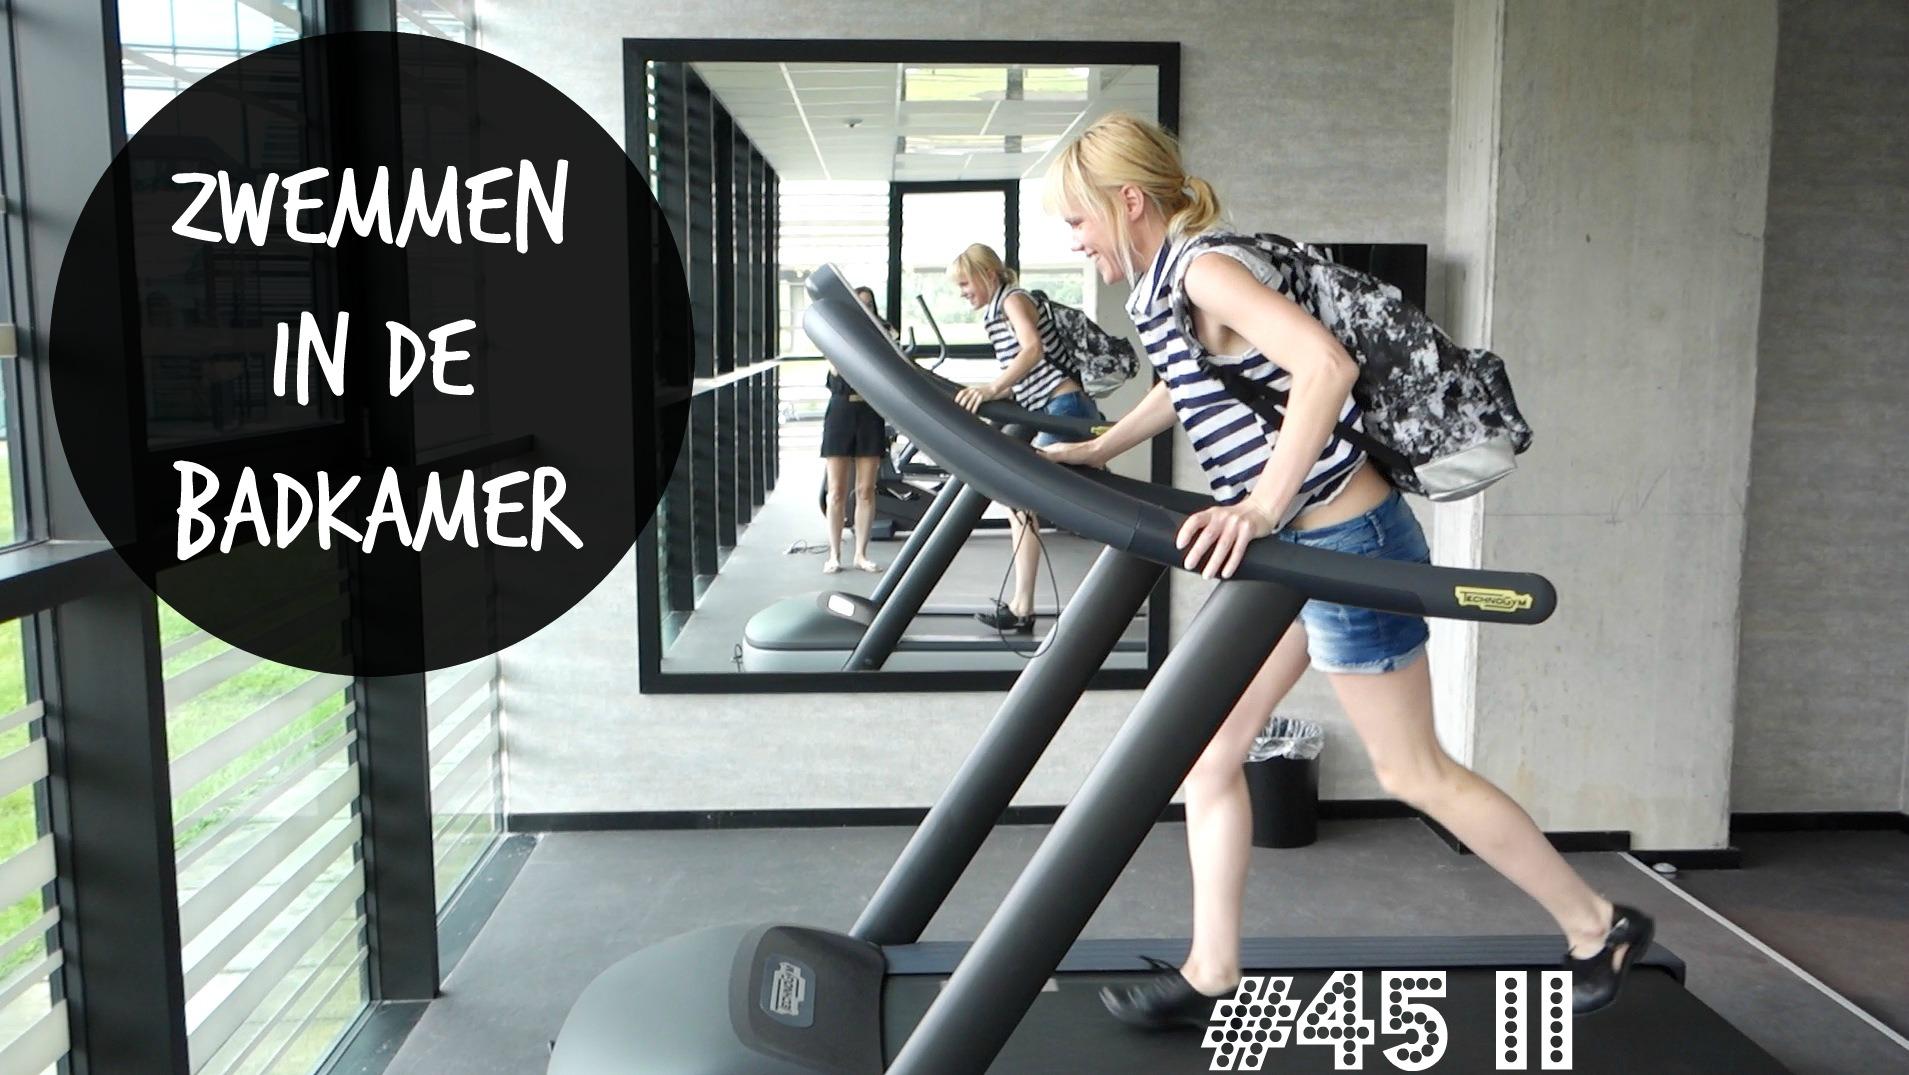 Vlog 45 deel 2: Zwemmen in de badkamer - Ik Vrouw van Jou